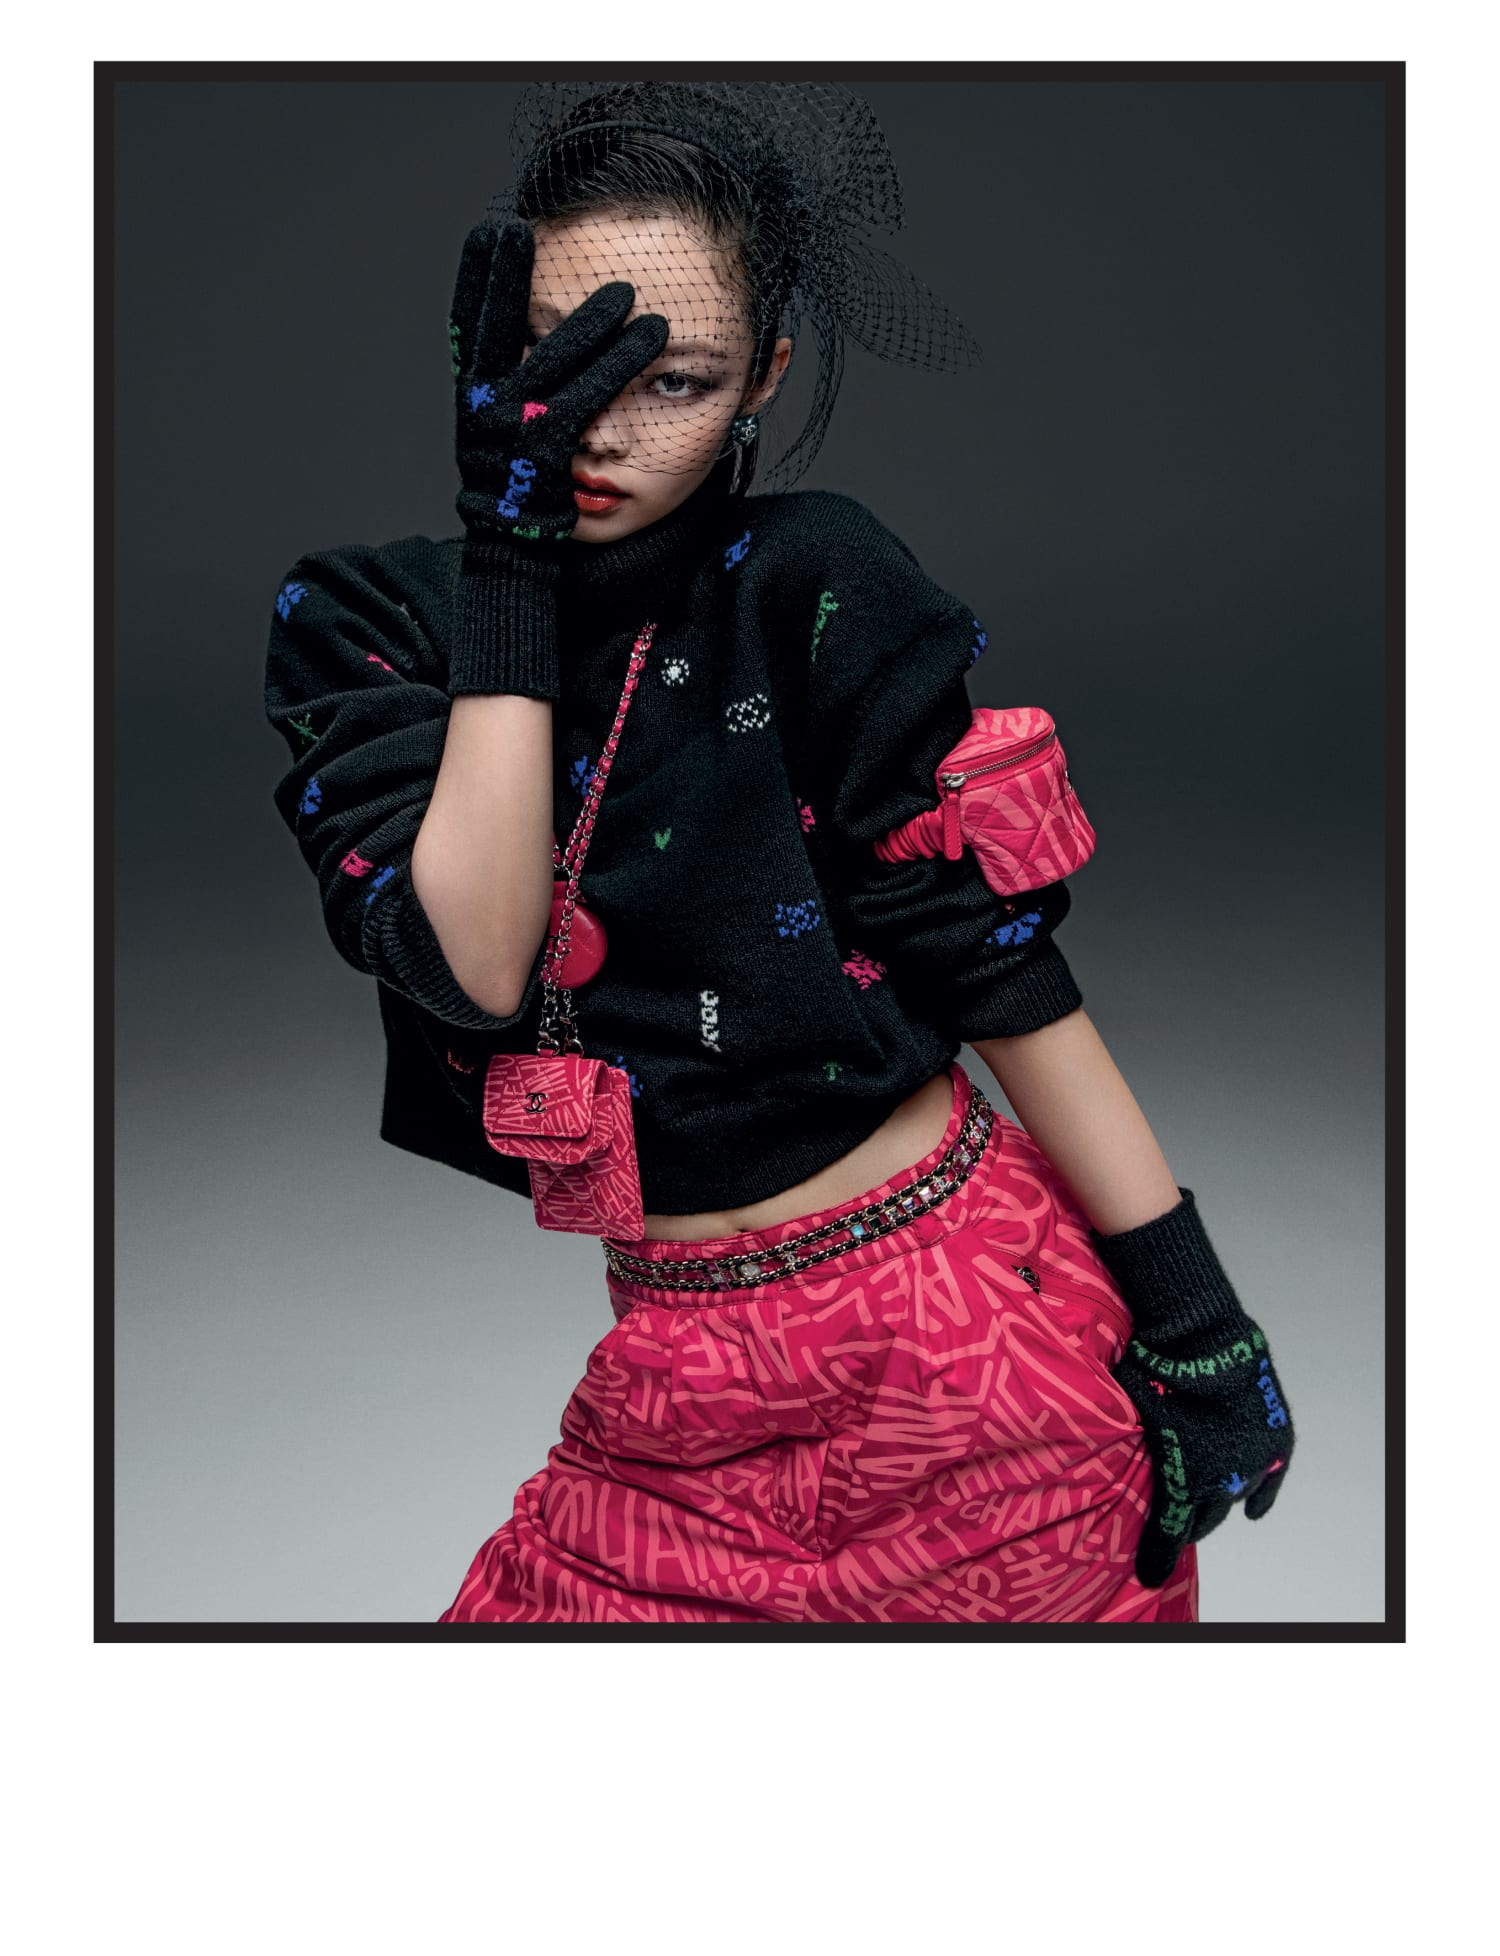 Исполнительница K-pop группы стала новым лицом рекламной кампании Chanel-Фото 3